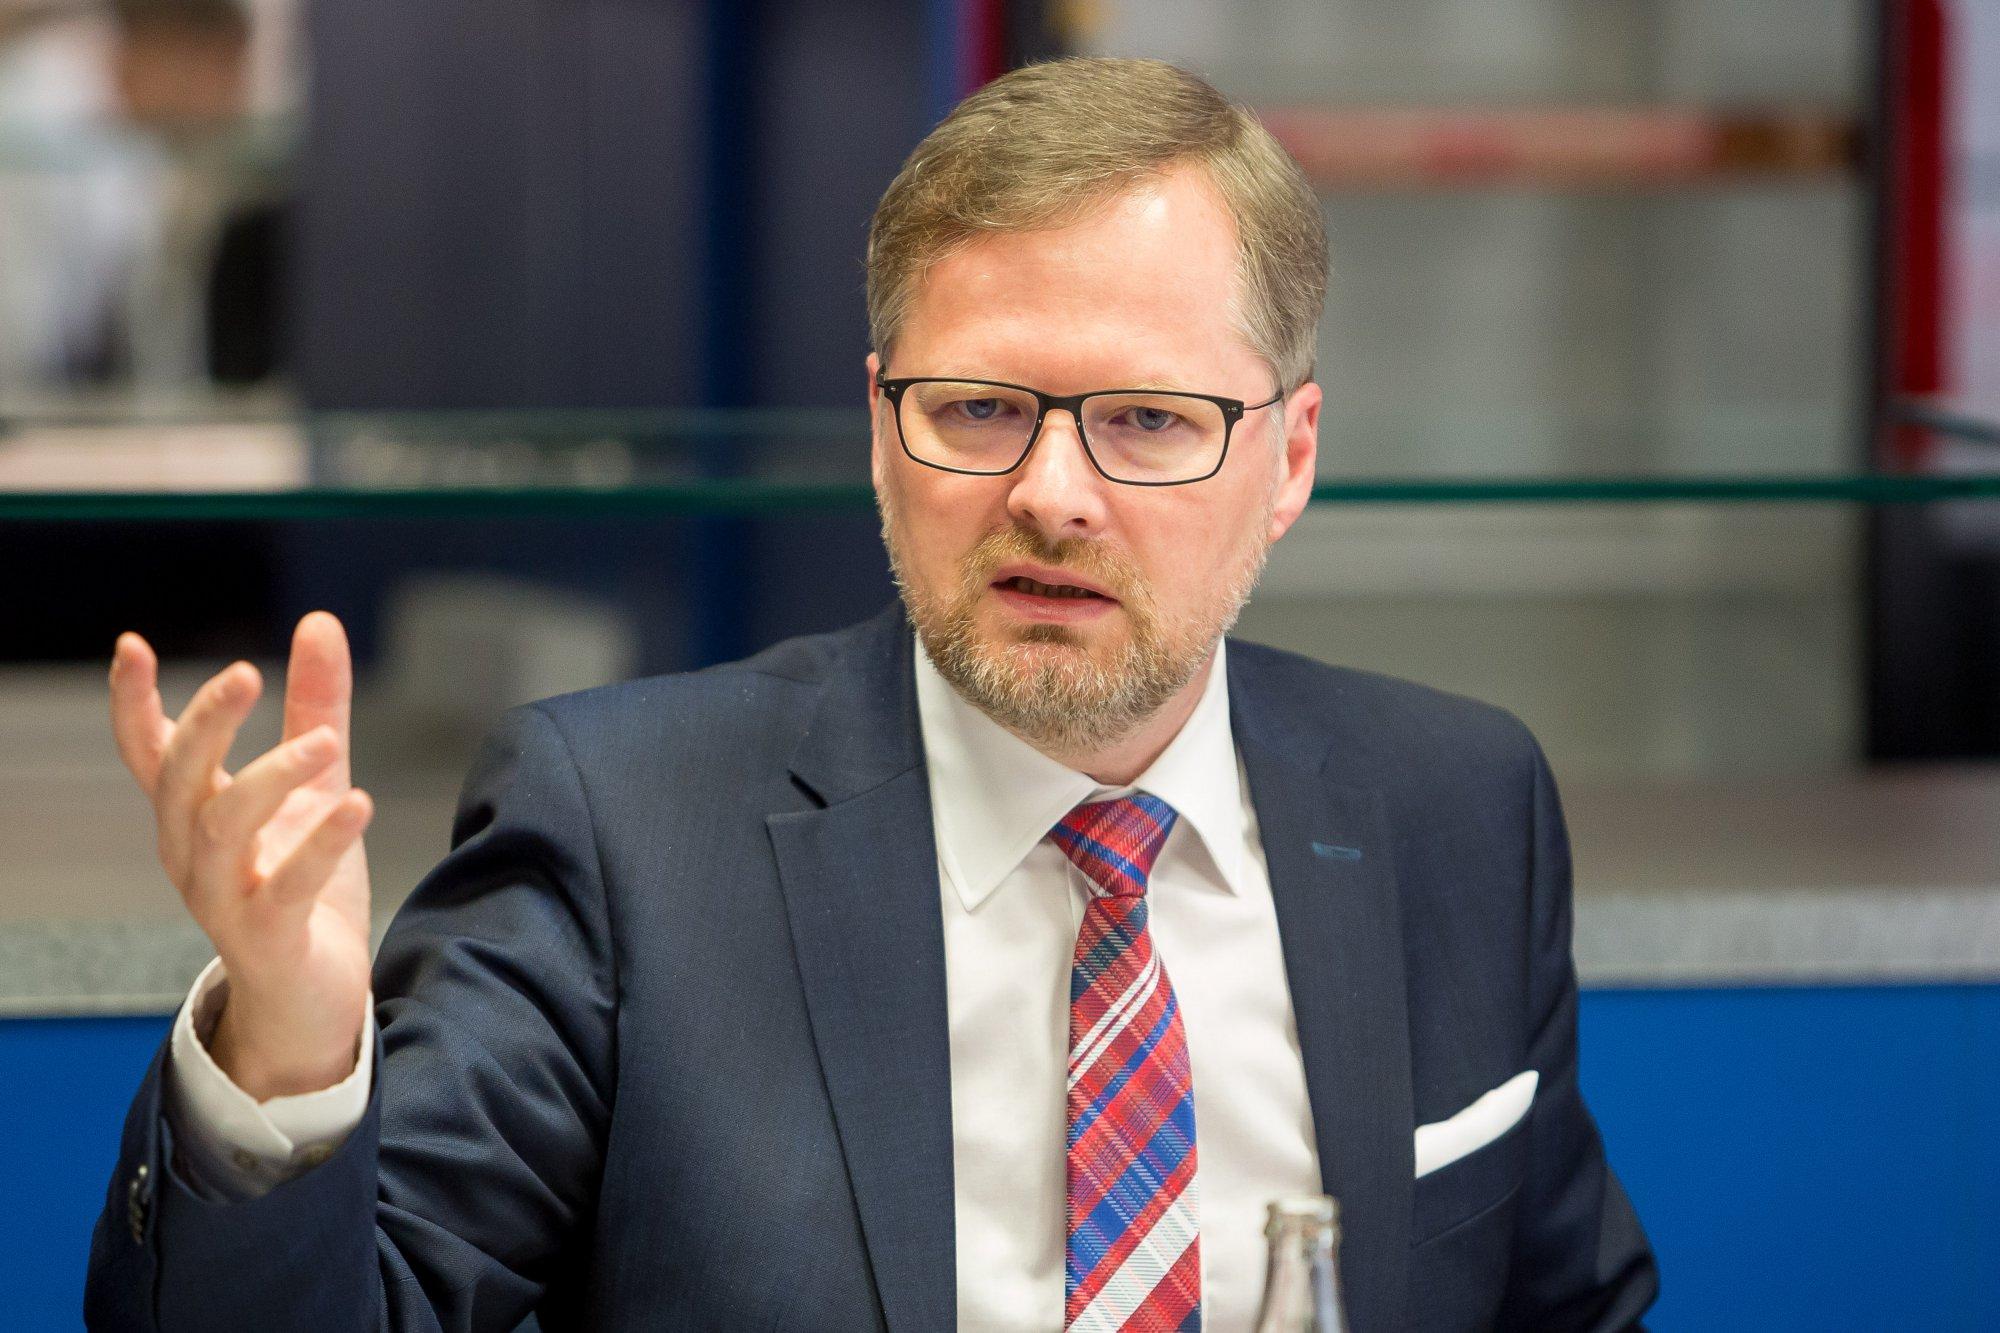 Výzva předsedy ODS Petra Fialy premiérovi a předsedovi hnutí ANO